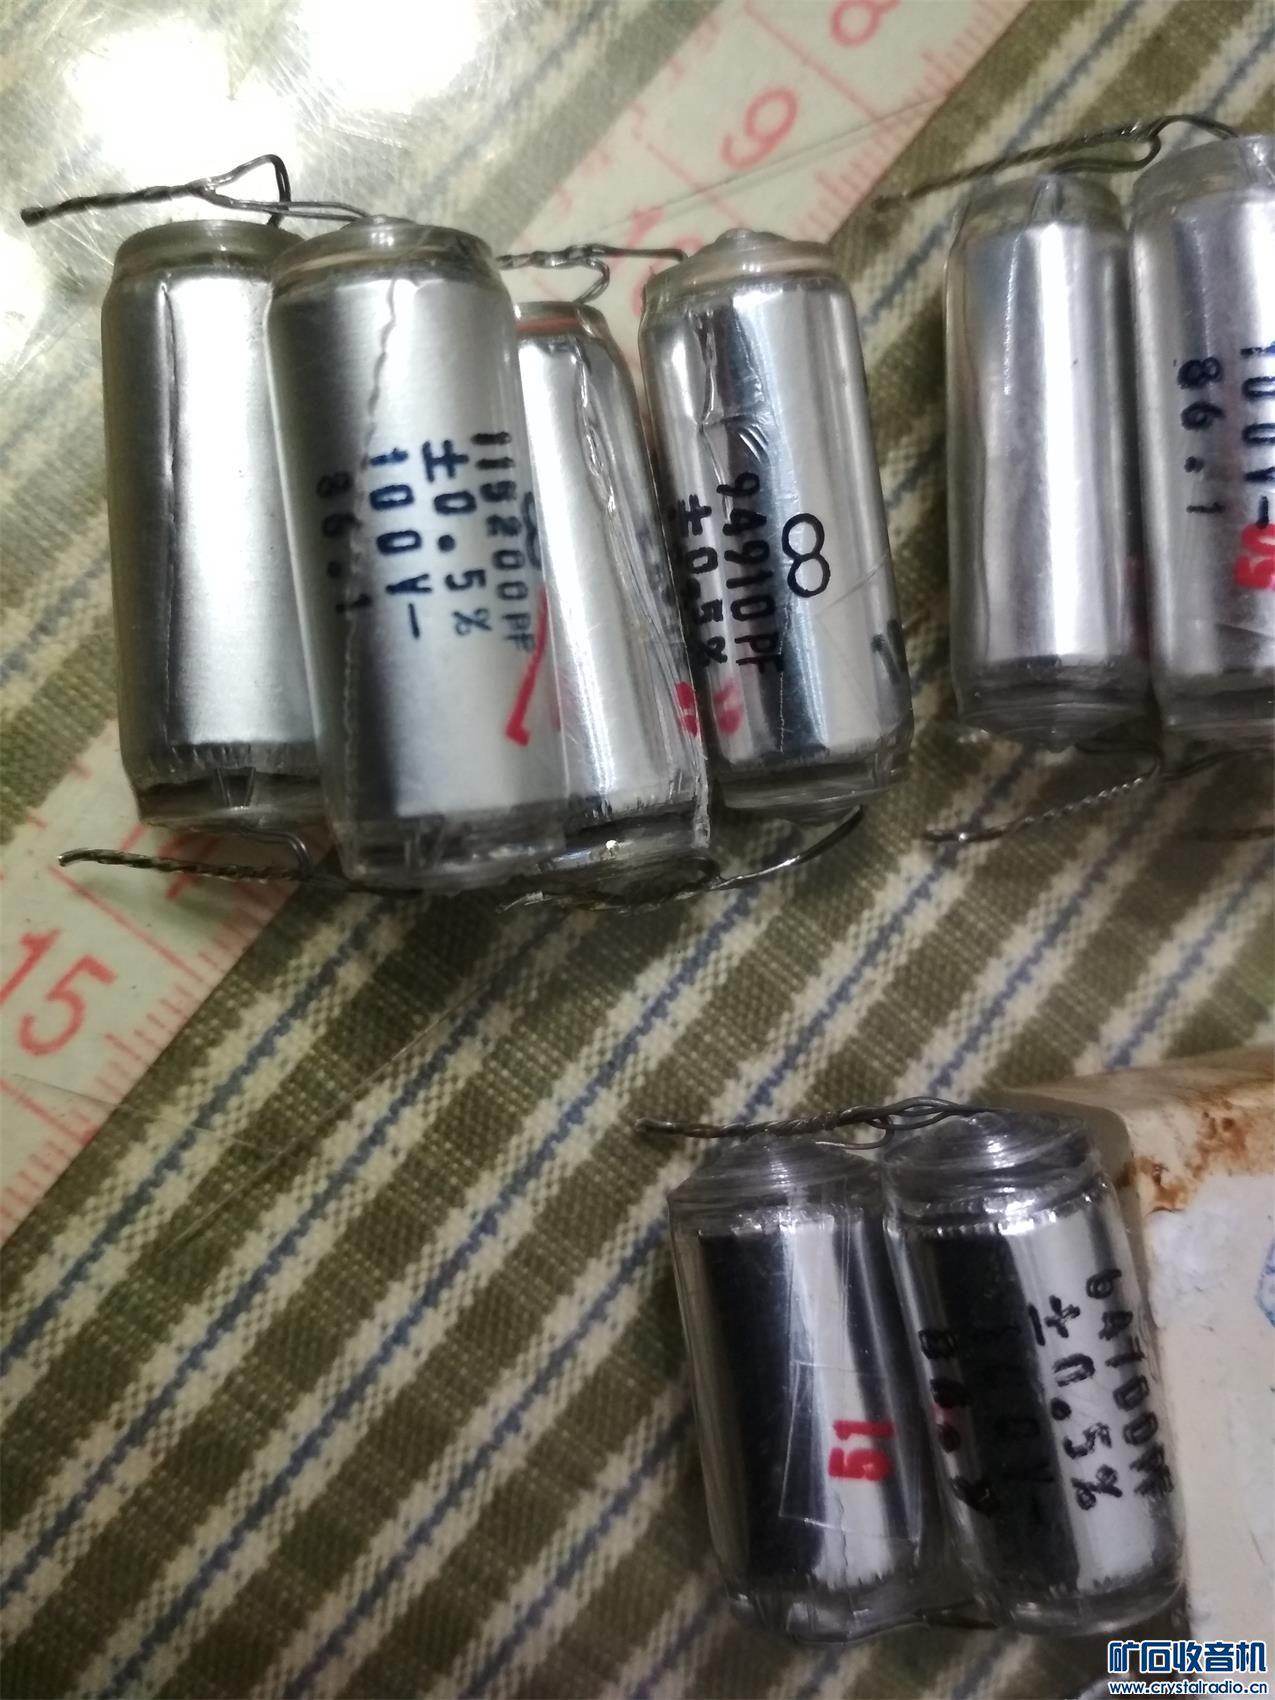 2509号高精度电容每组(有的2个一组、有的3个还有的4个一组)5元 (6).jpg